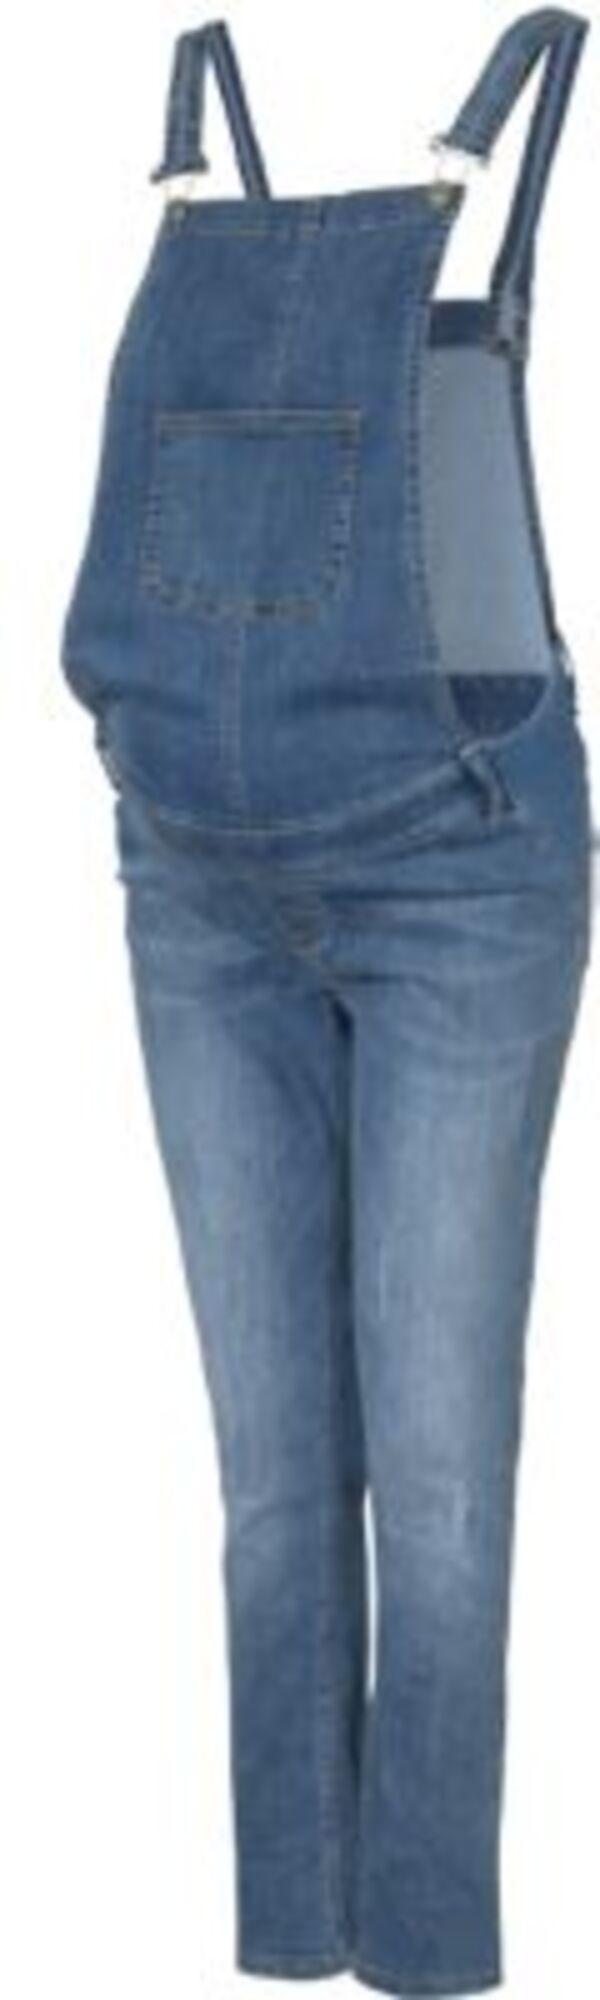 Umstandslatzhose blau Gr. 36 Damen Kinder